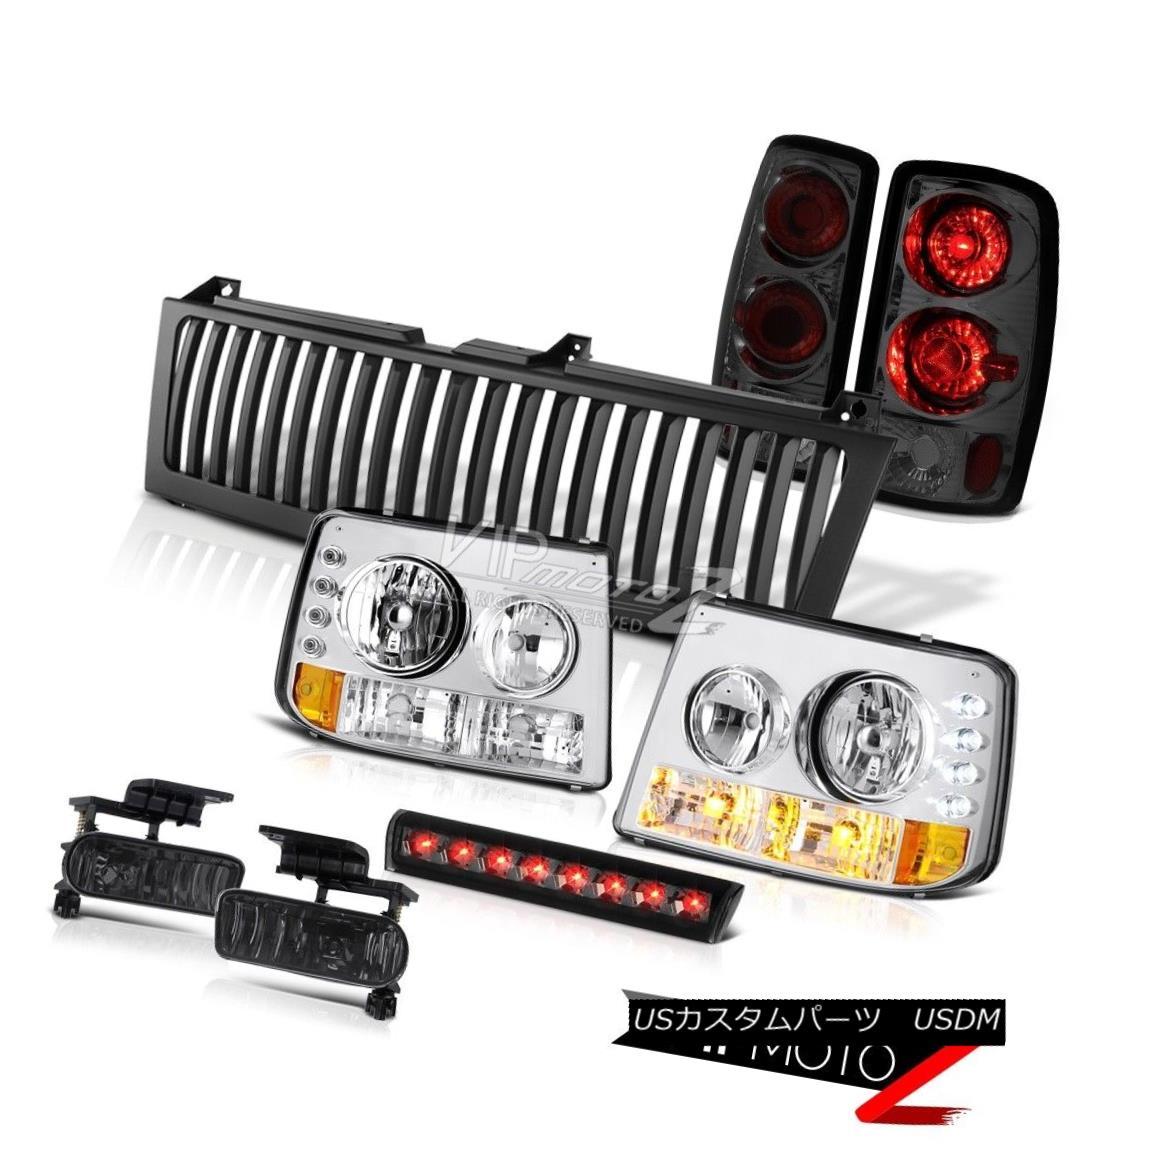 ヘッドライト Headlights Altezza Tail Lamps Smoke Fog 3rd Brake LED Black 00-06 Suburban 6.0L ヘッドライトAltezzaテールランプ煙霧第3ブレーキLED黒00-06郊外6.0L